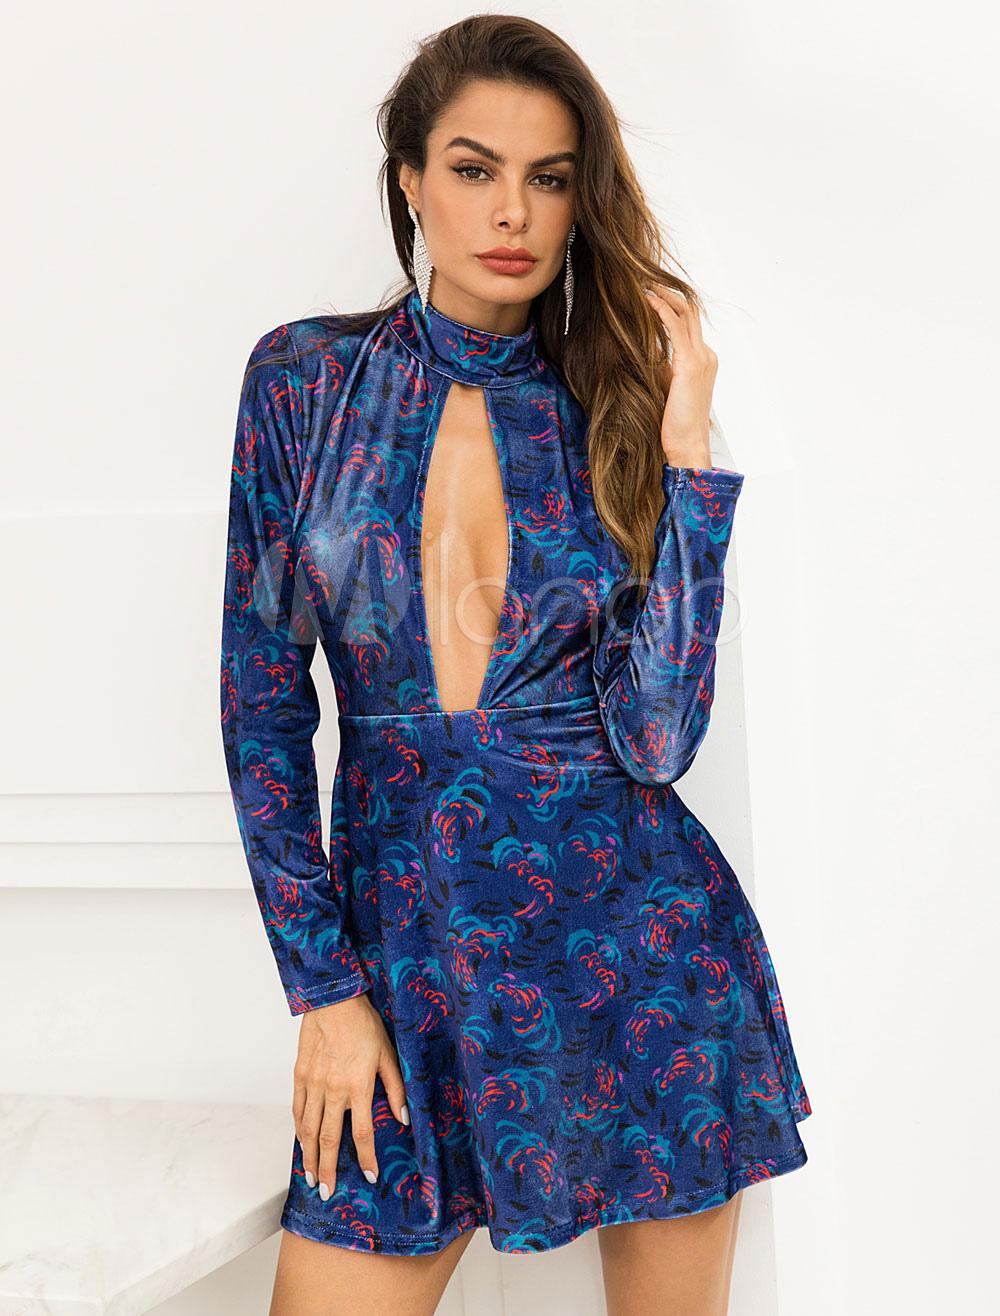 Frauen velvet dress sexy ausgeschnitten backless langarm - Kleider milanoo ...